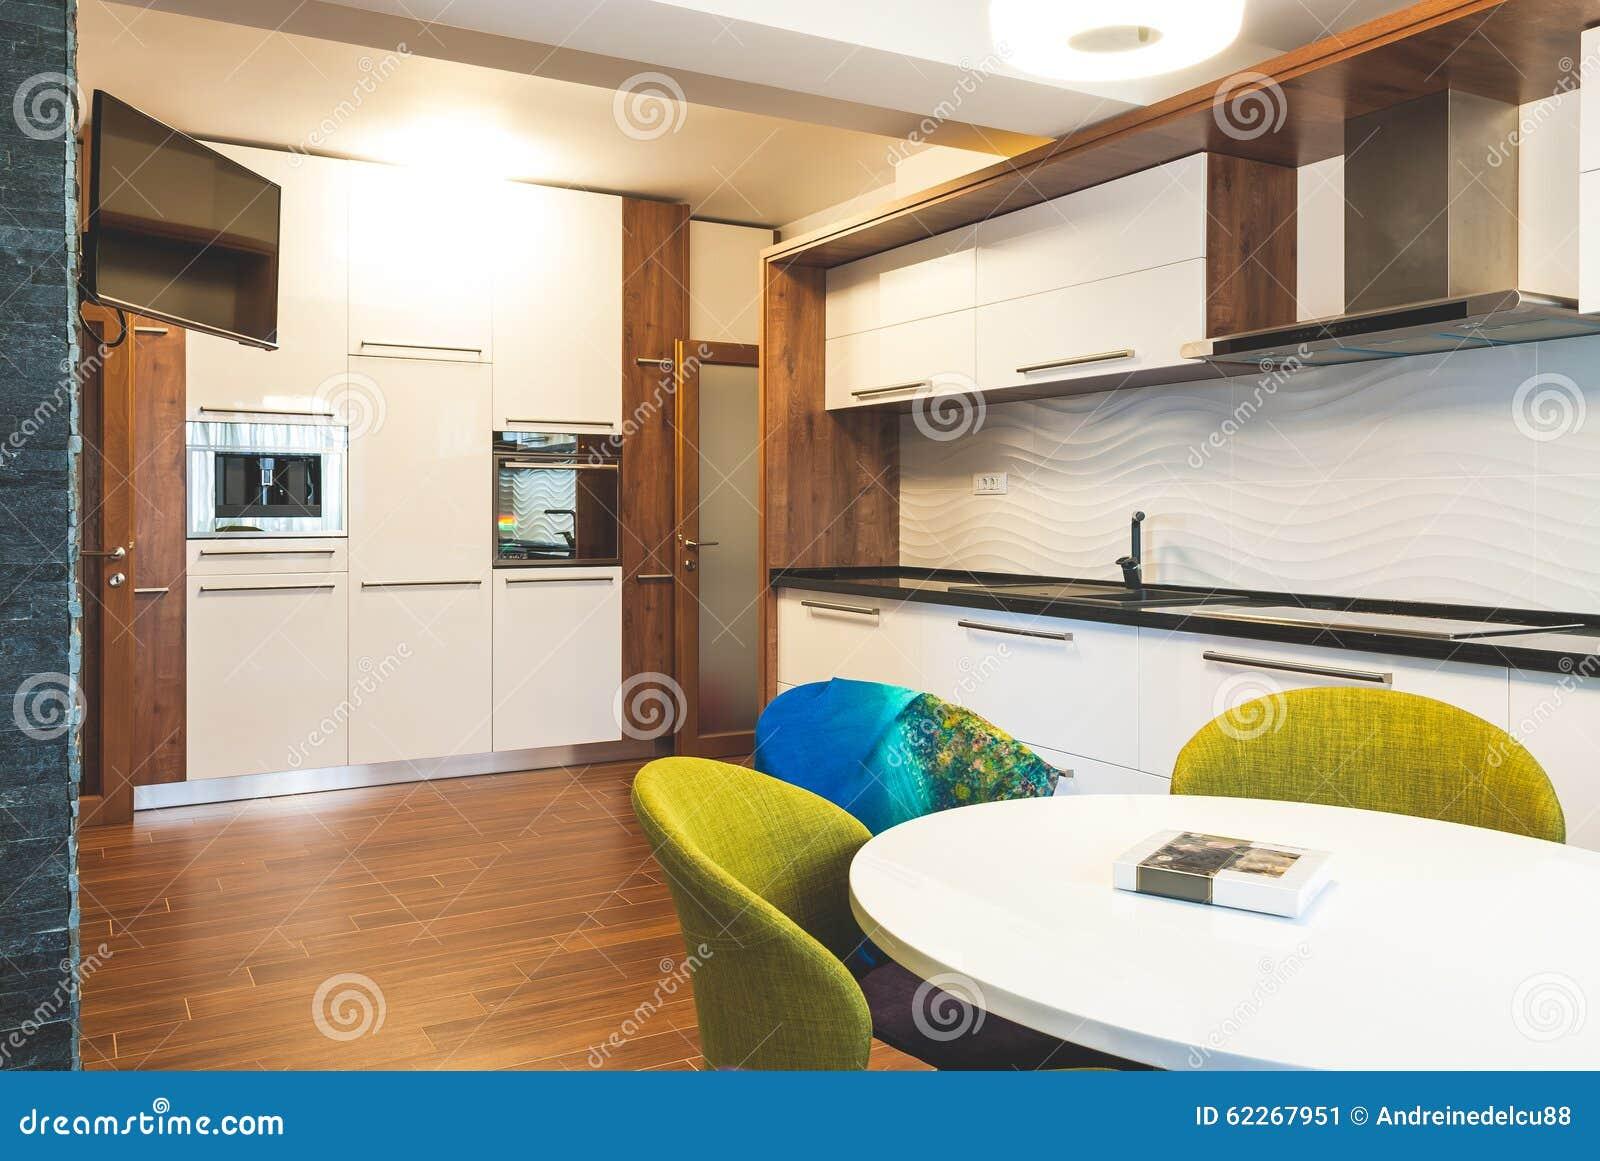 Cocina moderna del interior de la casa foto de archivo for Interior cocinas modernas